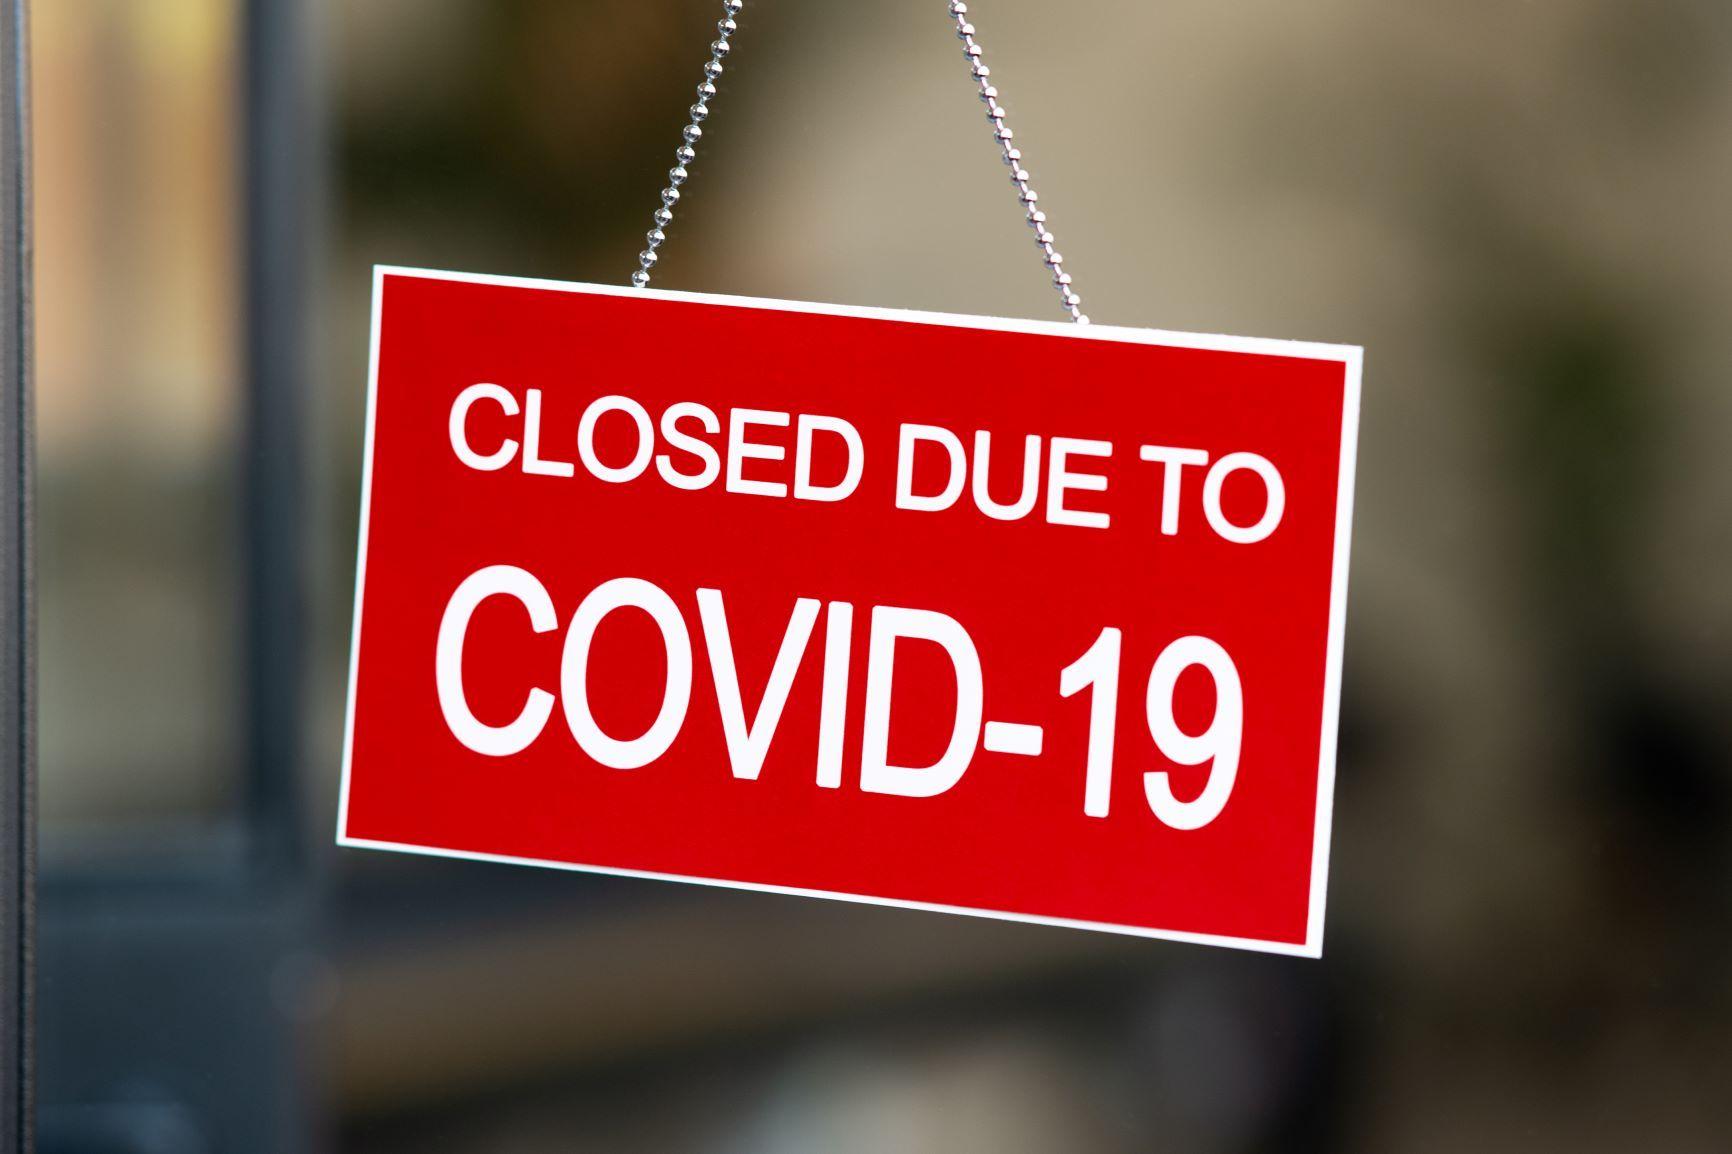 Zakaz prowadzenia działalności gospodarczej wynikający z COVID-19 a odliczenie VAT z faktur zakupowych